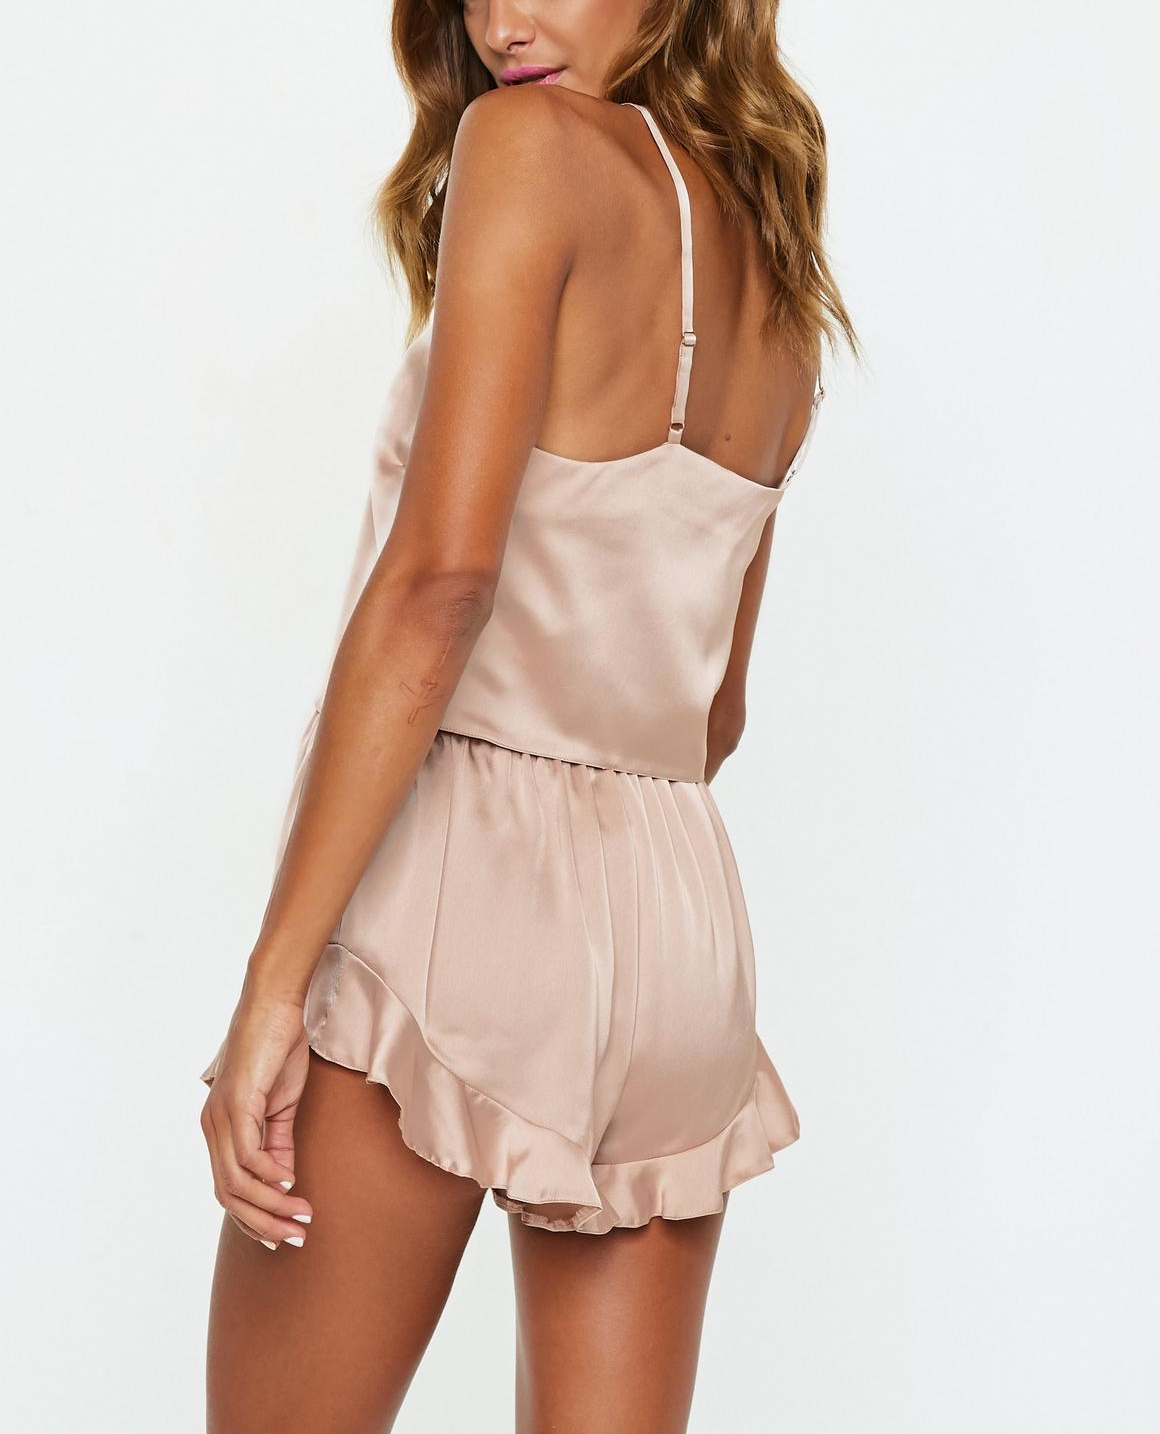 Yüksek kaliteli Cami fırfır kısa saten pijama sevimli yaz pijama bayanlar için